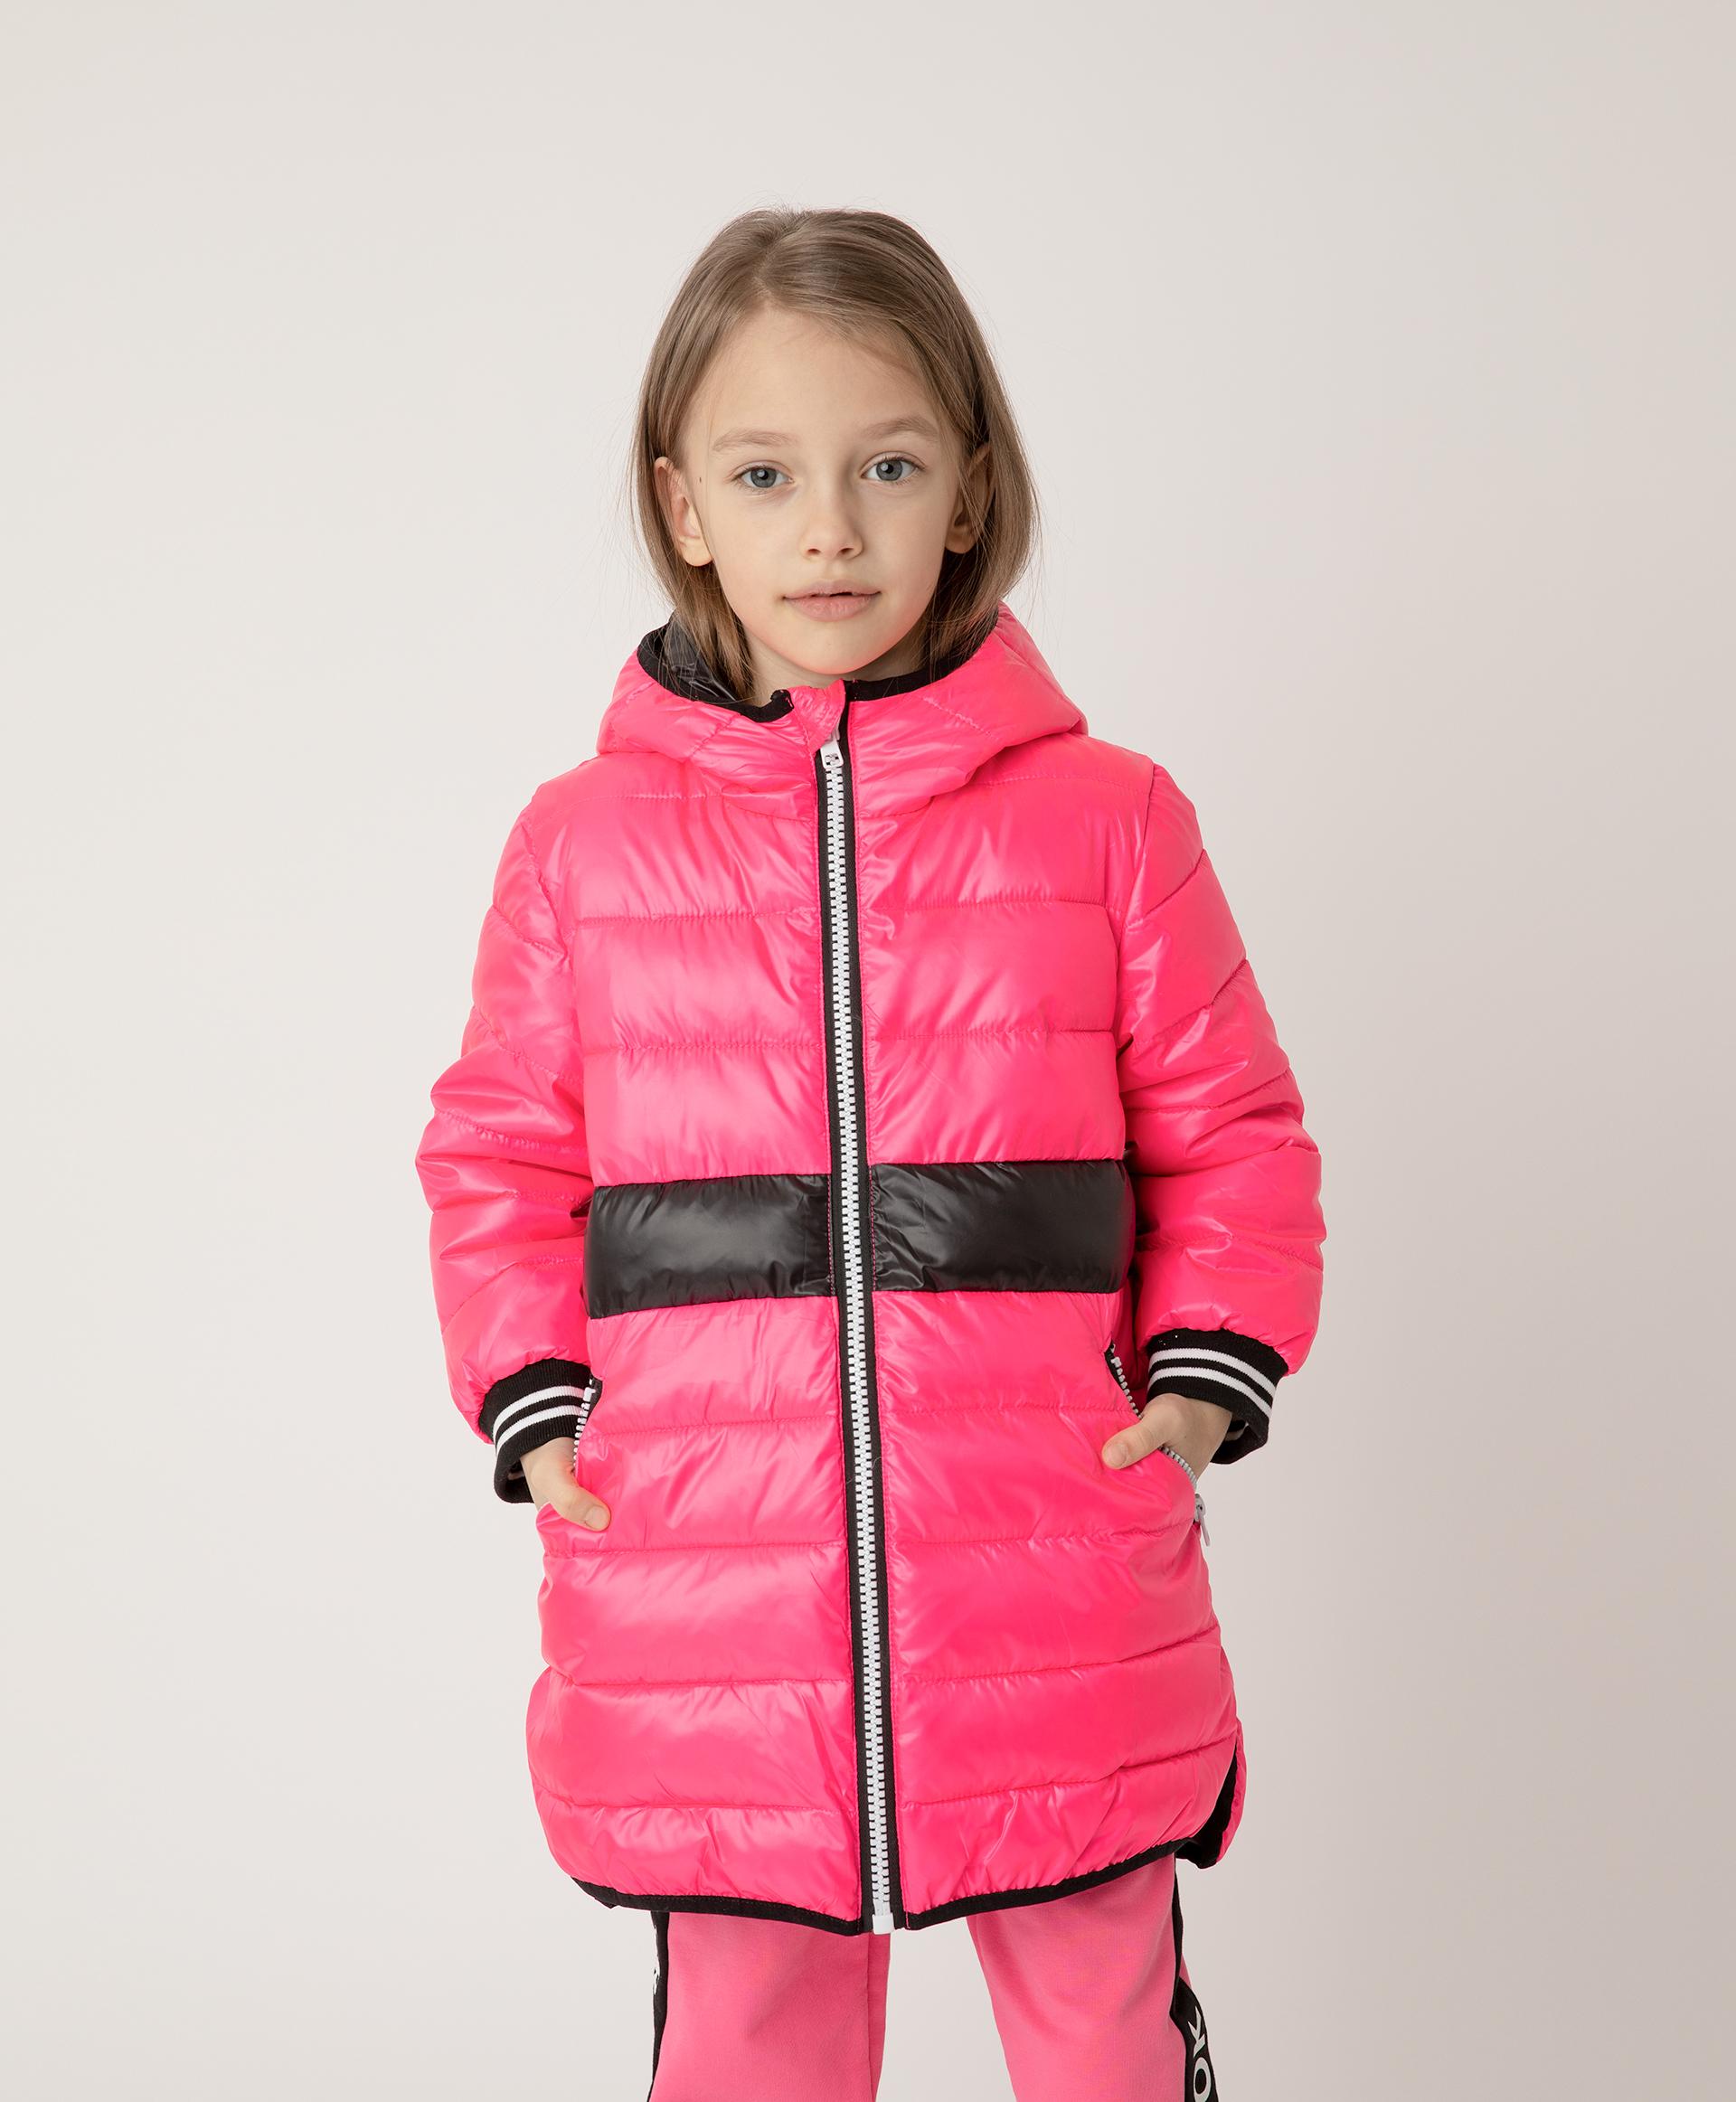 Купить 12103GMC4503, Полупальто розовое с поясом и капюшоном Gulliver, розовый, 116, Полиэстер, Женский, Демисезон, ВЕСНА/ЛЕТО 2021 (shop: GulliverMarket Gulliver Market)